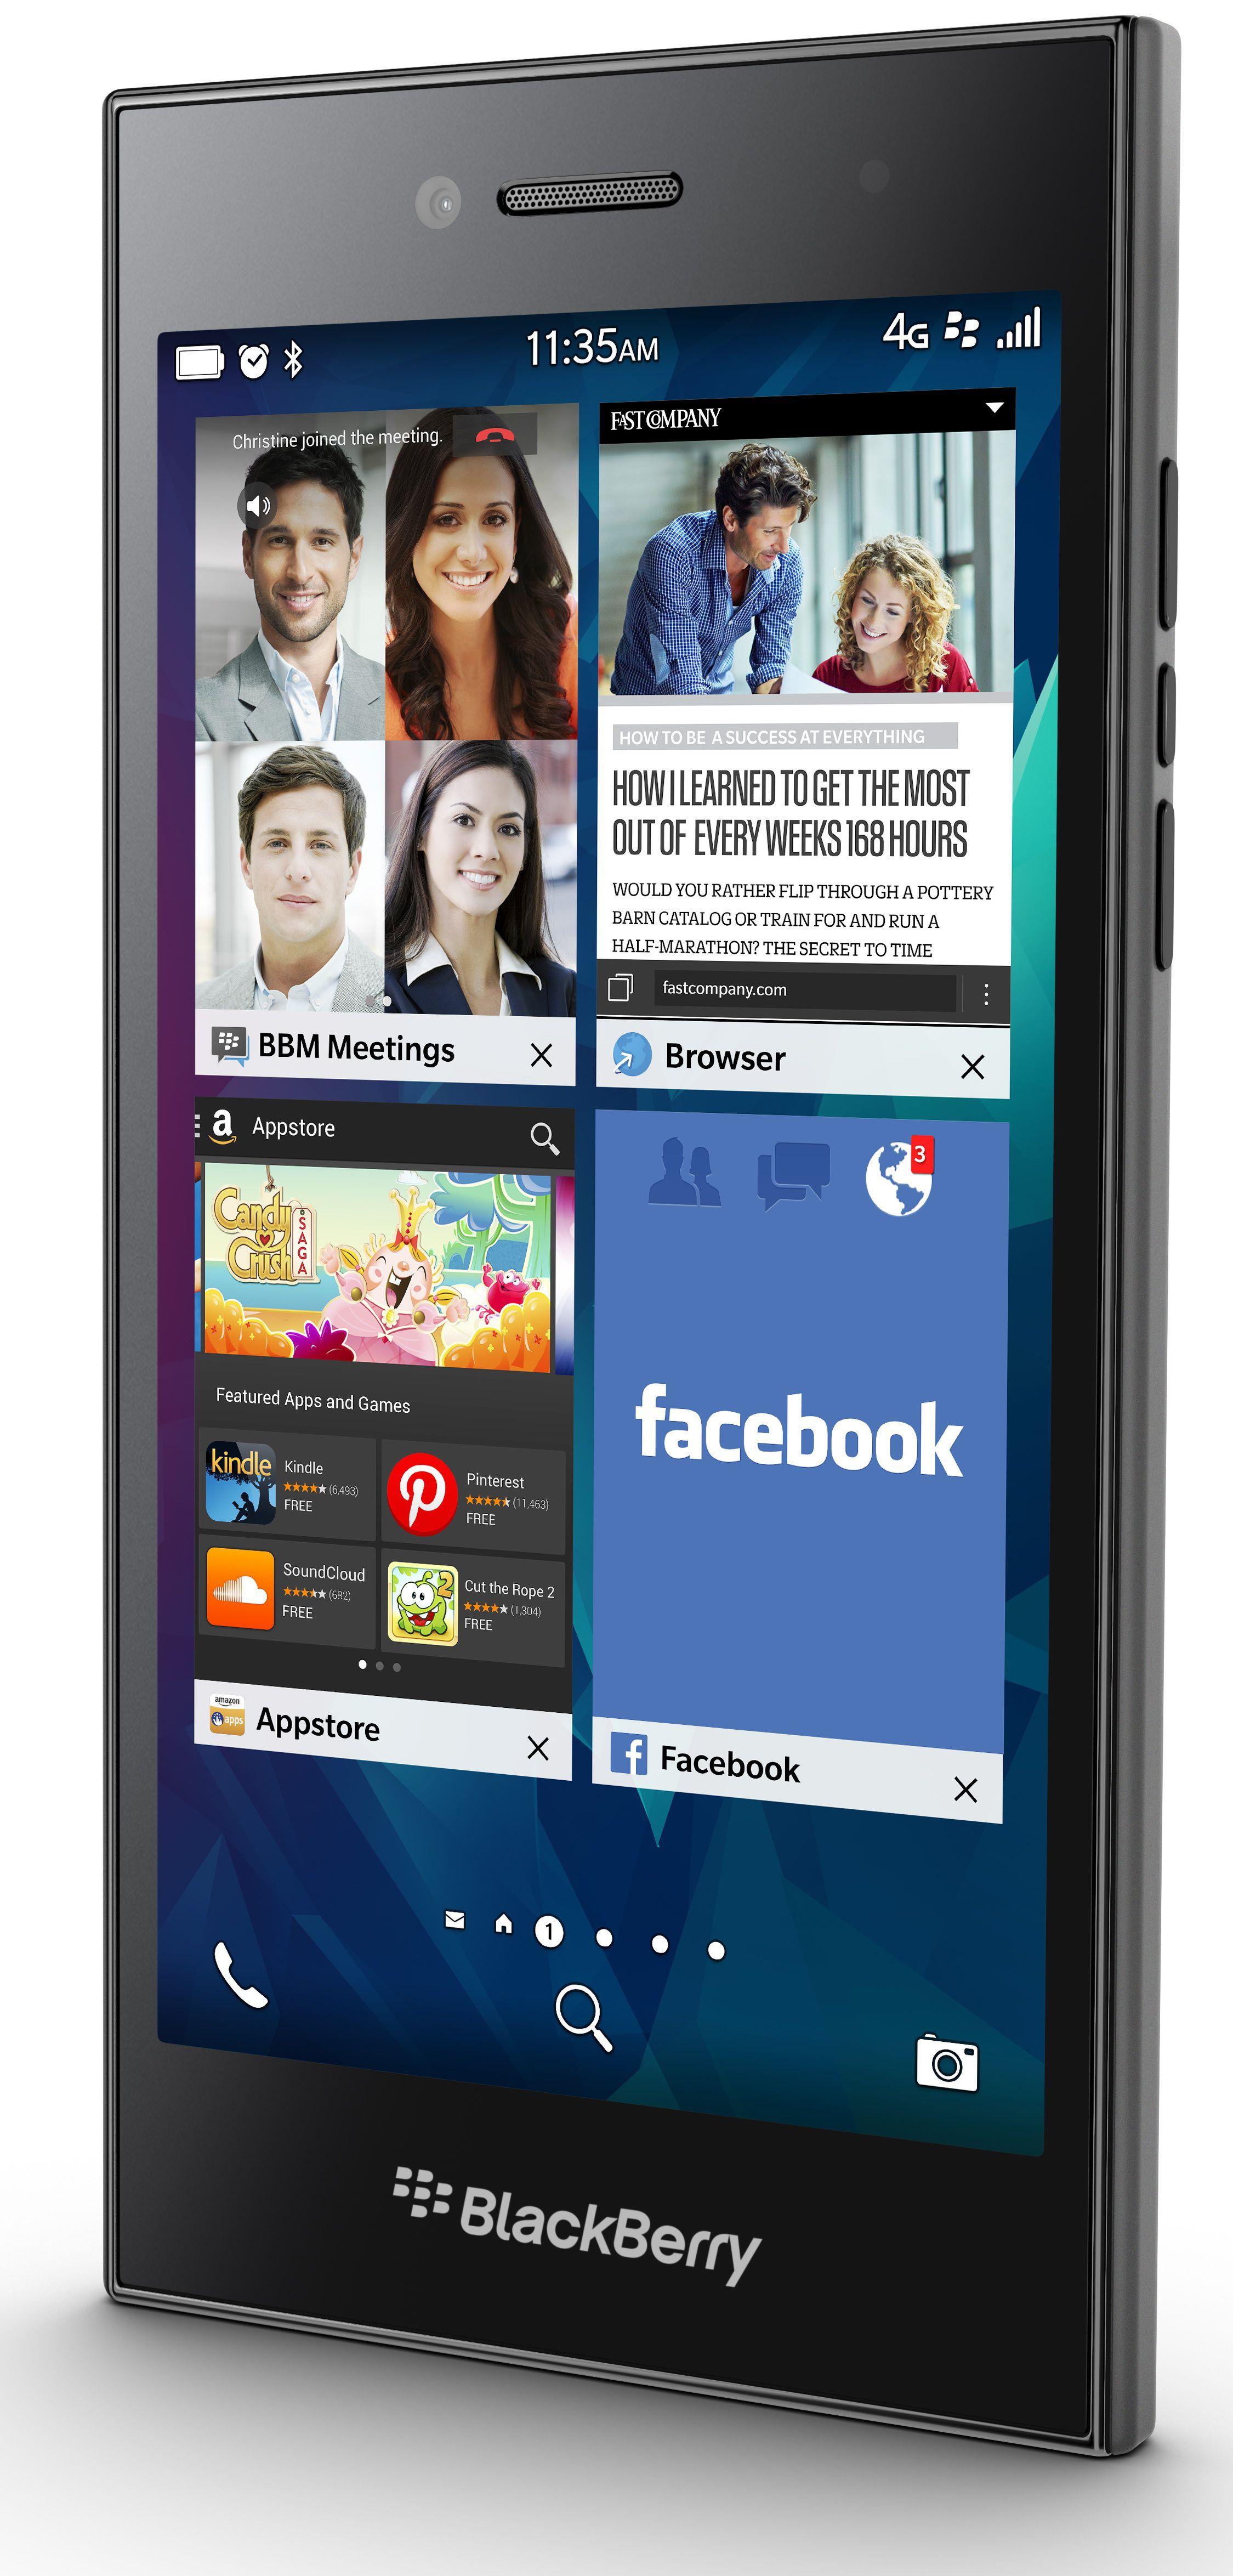 mwc 2015 blackberry pr sente son smartphone leap avec les nouveaut s 10 3 1. Black Bedroom Furniture Sets. Home Design Ideas